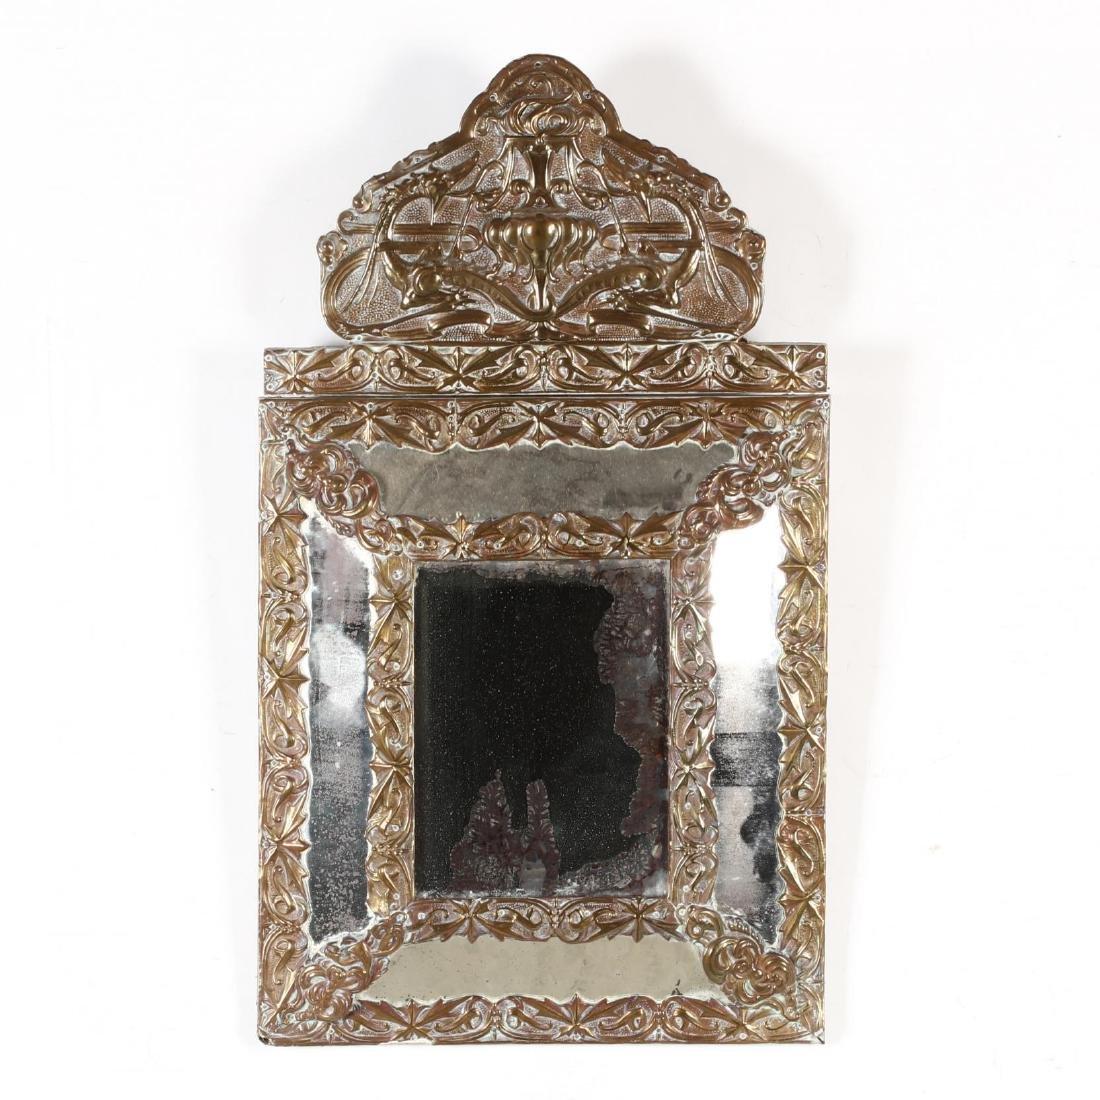 An Antique Continental Art Nouveau Mirror